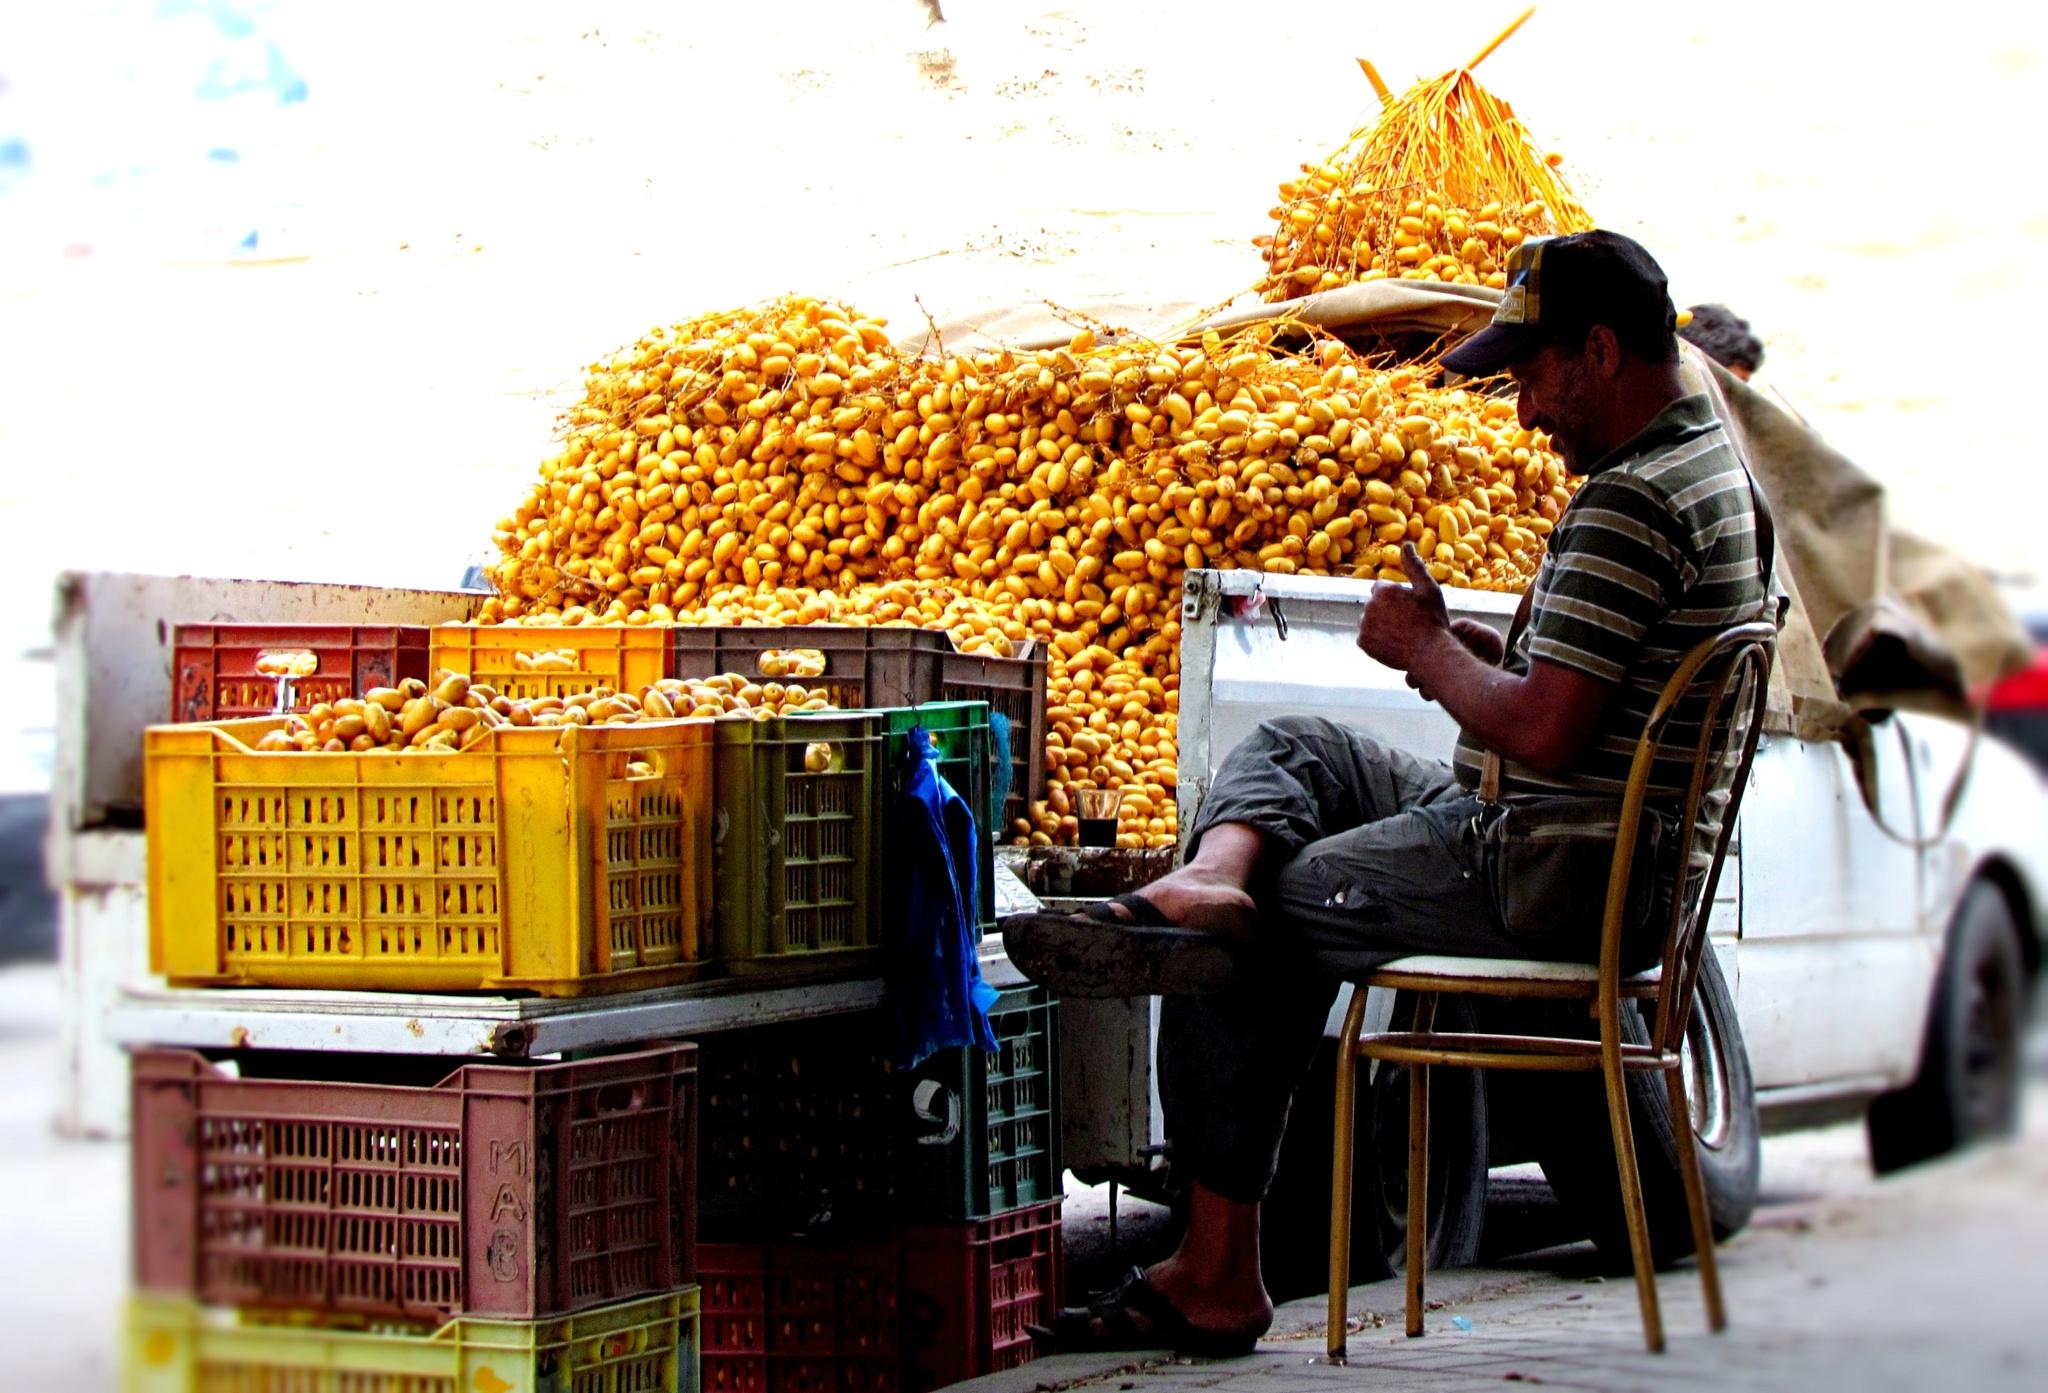 Street Seller by marta.figurzynskaderouiche